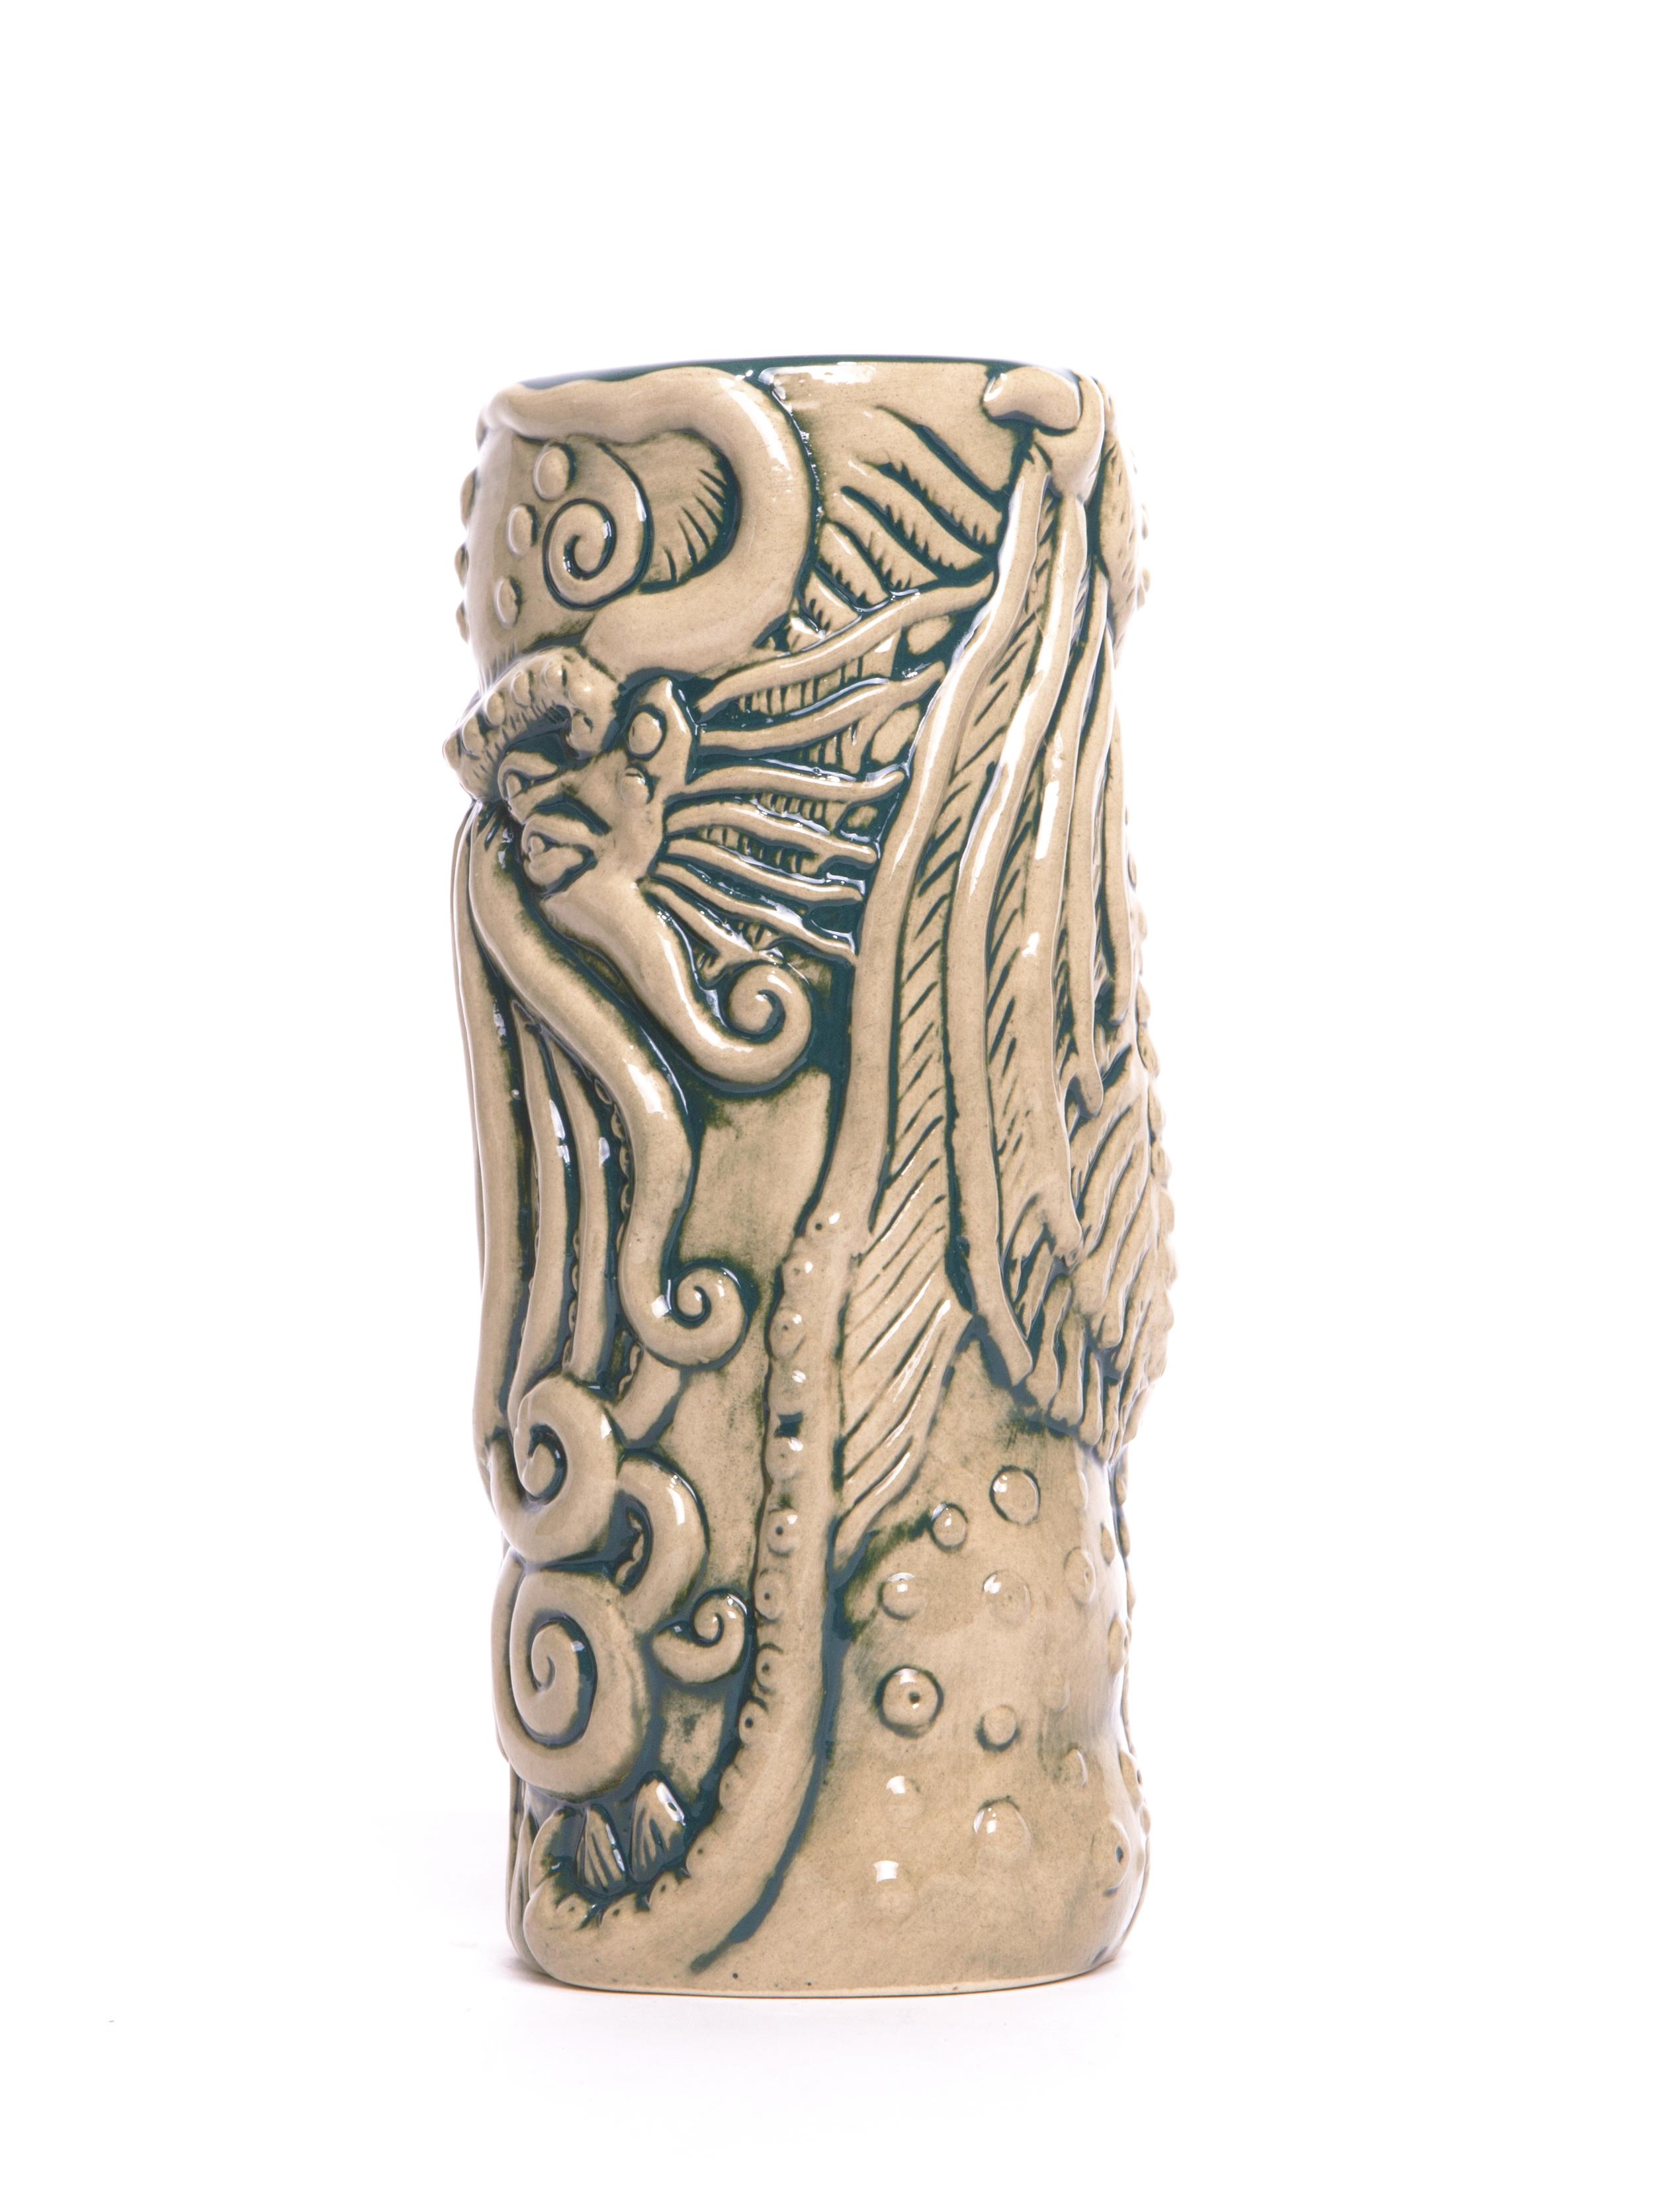 Carafe of Cthulhu Designer Series Tiki Mug (Regular)